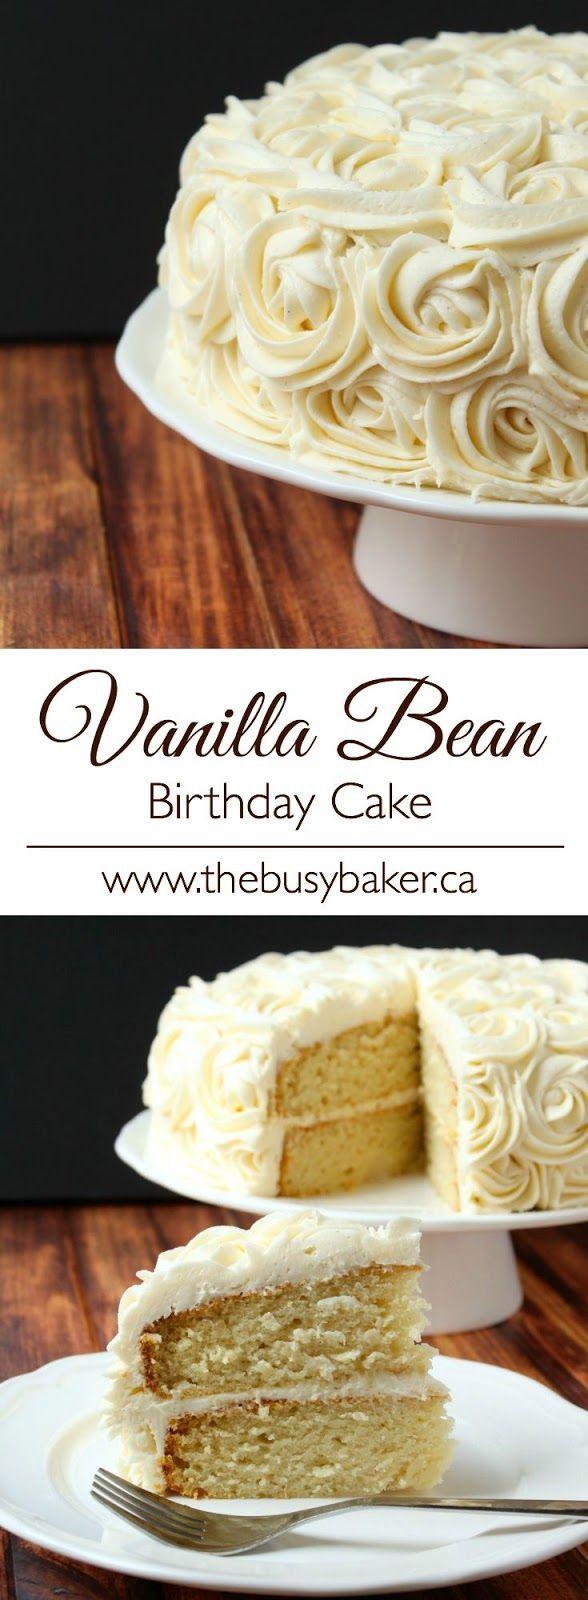 Best 20+ Vanilla bean cakes ideas on Pinterest | Dad birthday ...